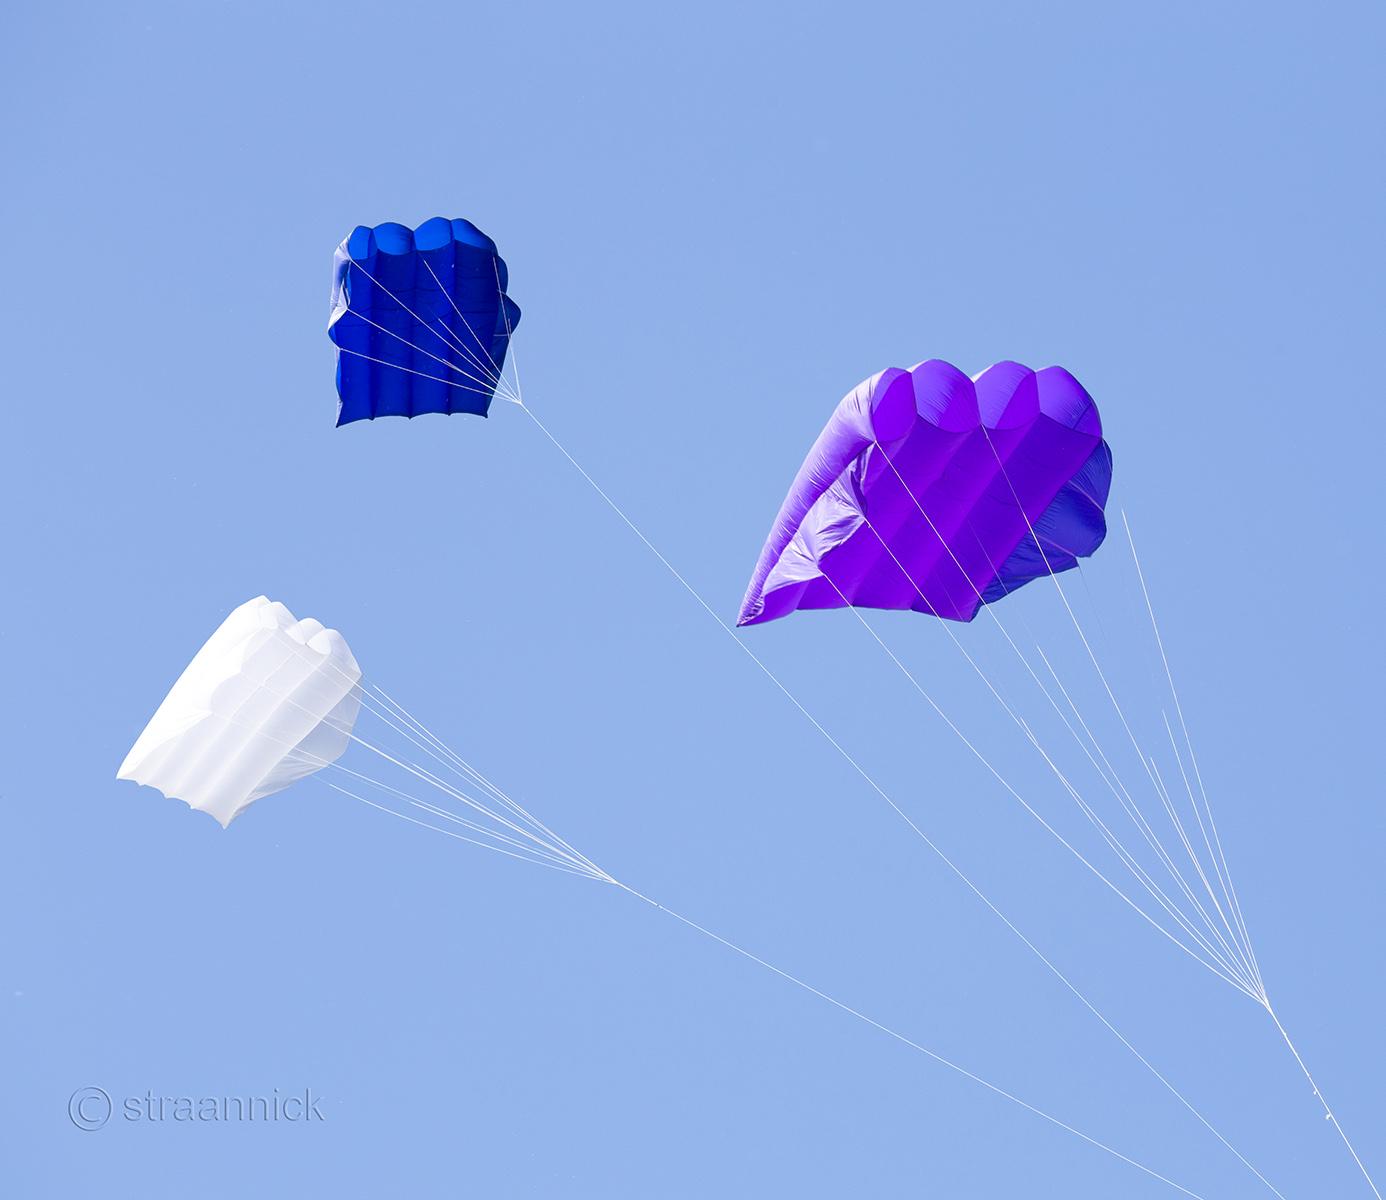 Воздушные змеи. Фестиваль Пёстрое небо. Царицыно. Москва. The kite festival.